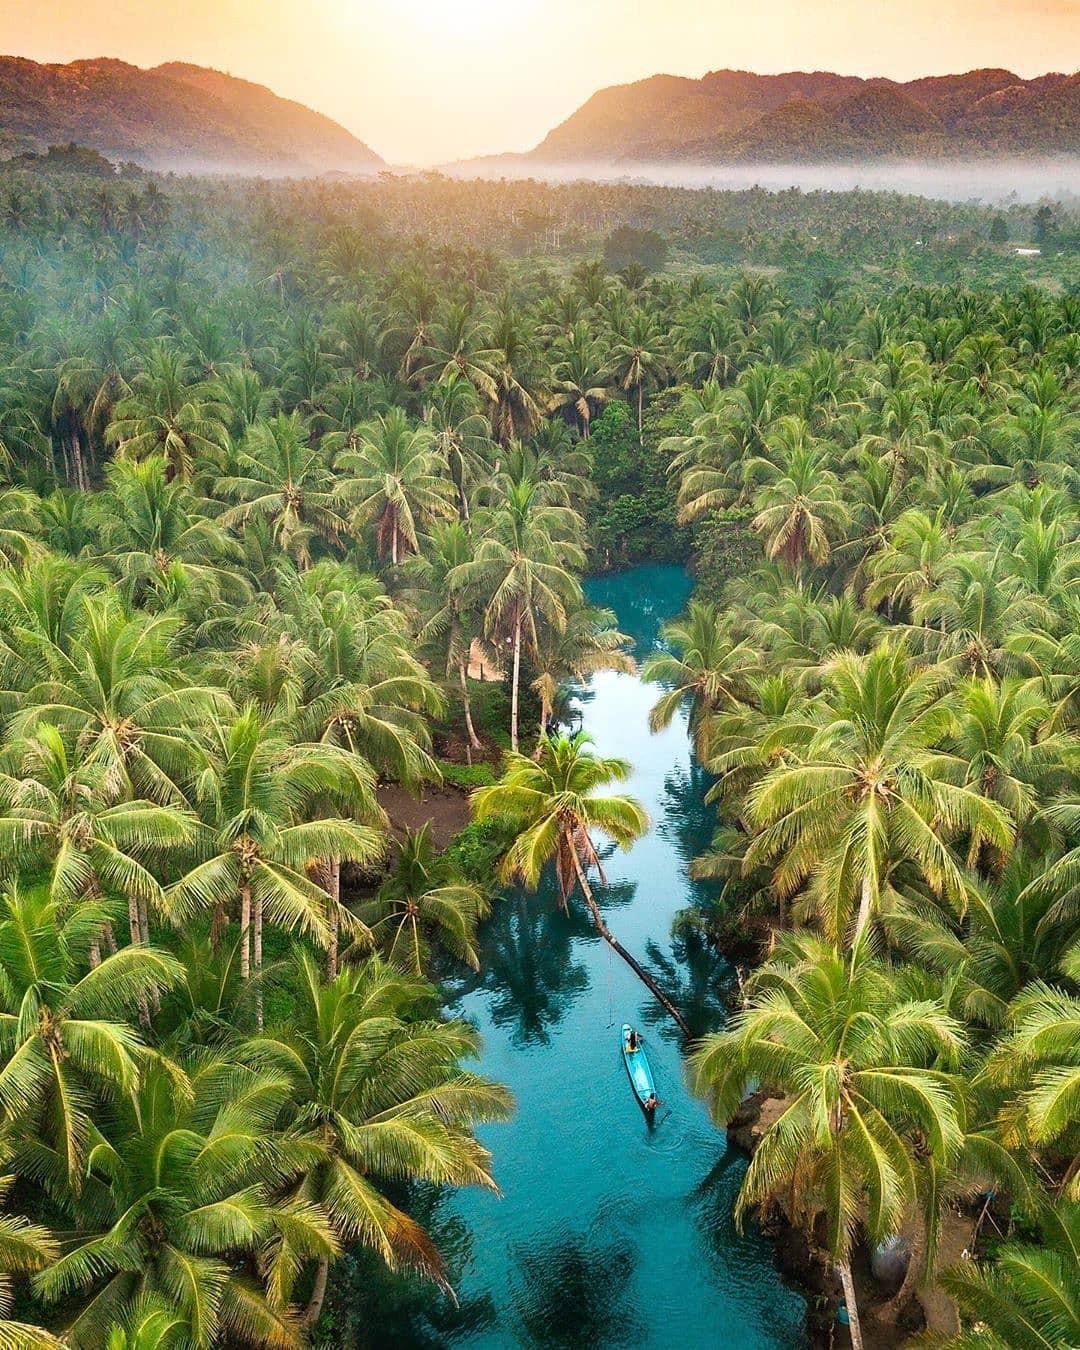 Vượt qua cả Bali và Hawaii, ốc đảo hình giọt nước kỳ lạ ở Philippines được tạp chí Mỹ bình chọn đẹp nhất thế giới - Ảnh 16.